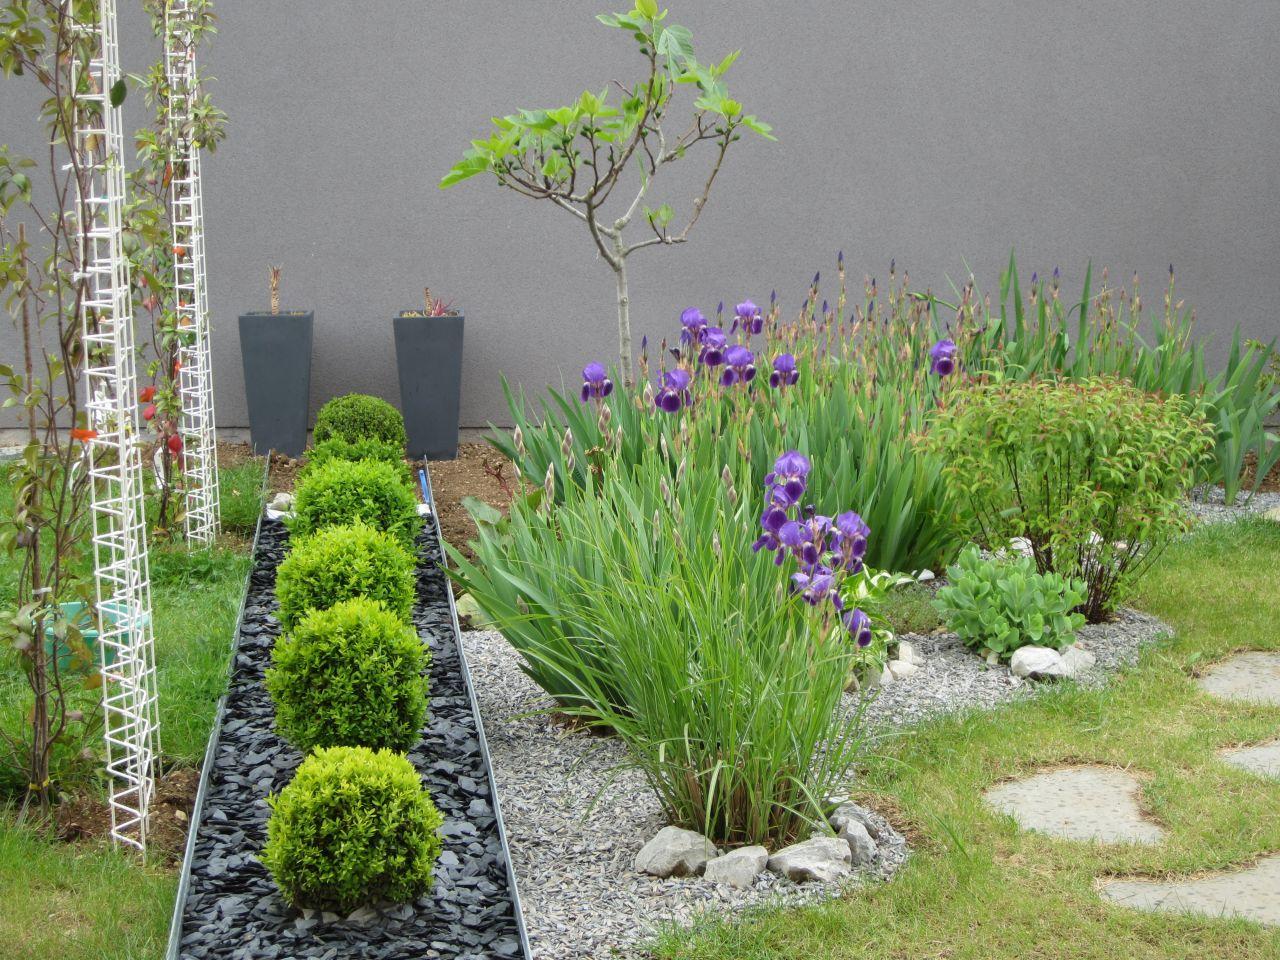 Déco générale du jardin - Cote D'or (21) - mai 2014 - Photo #989241 par Douzou